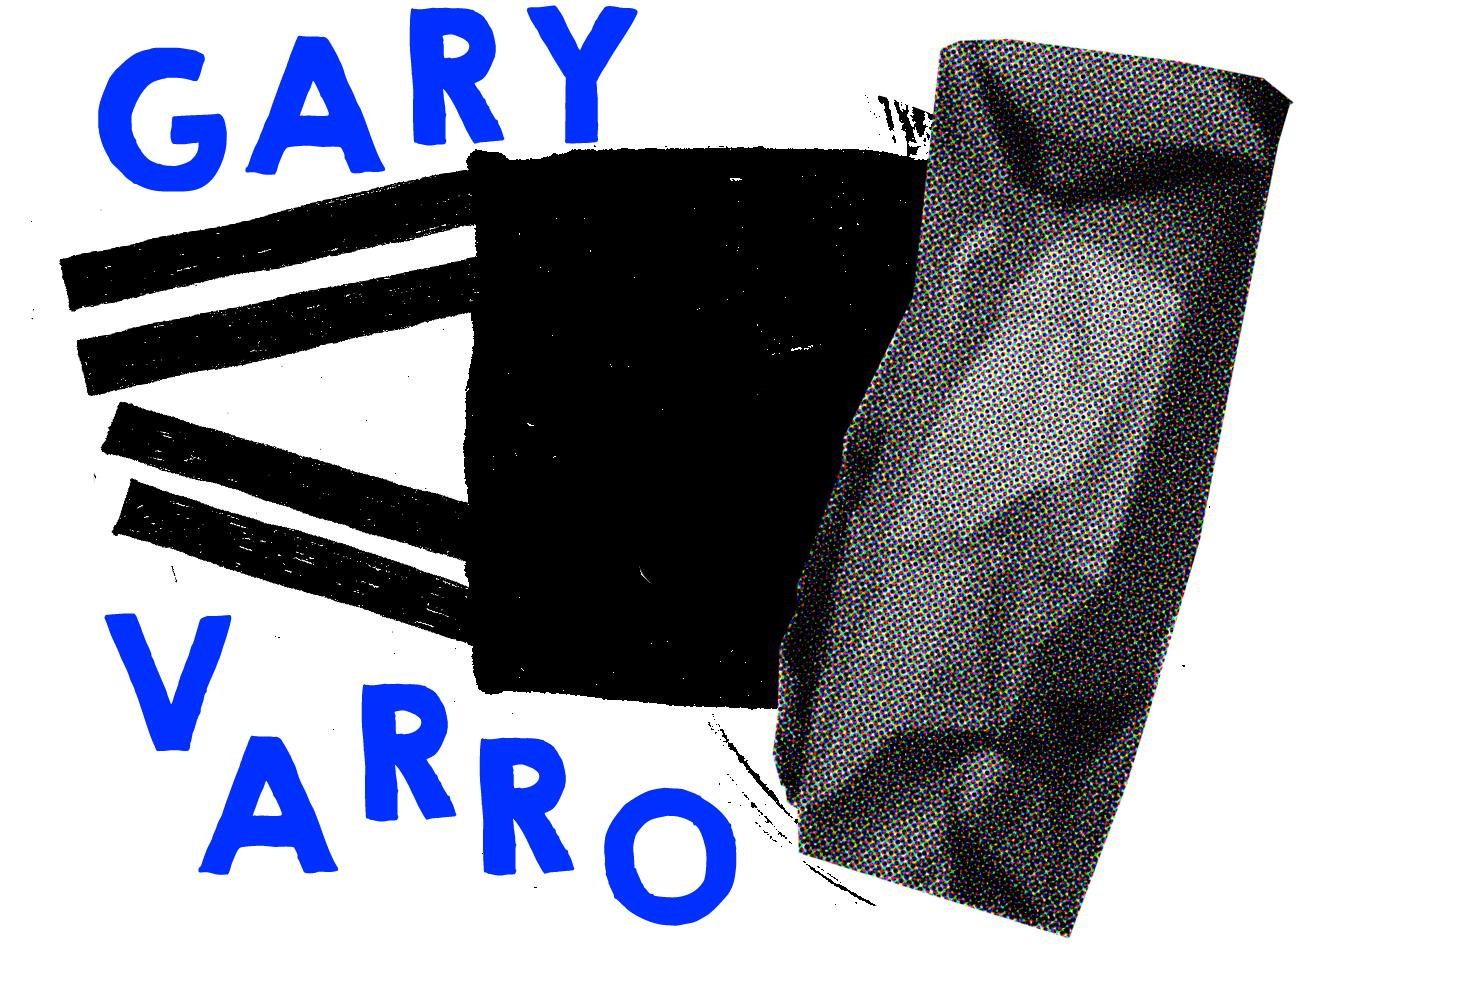 GaryVarro